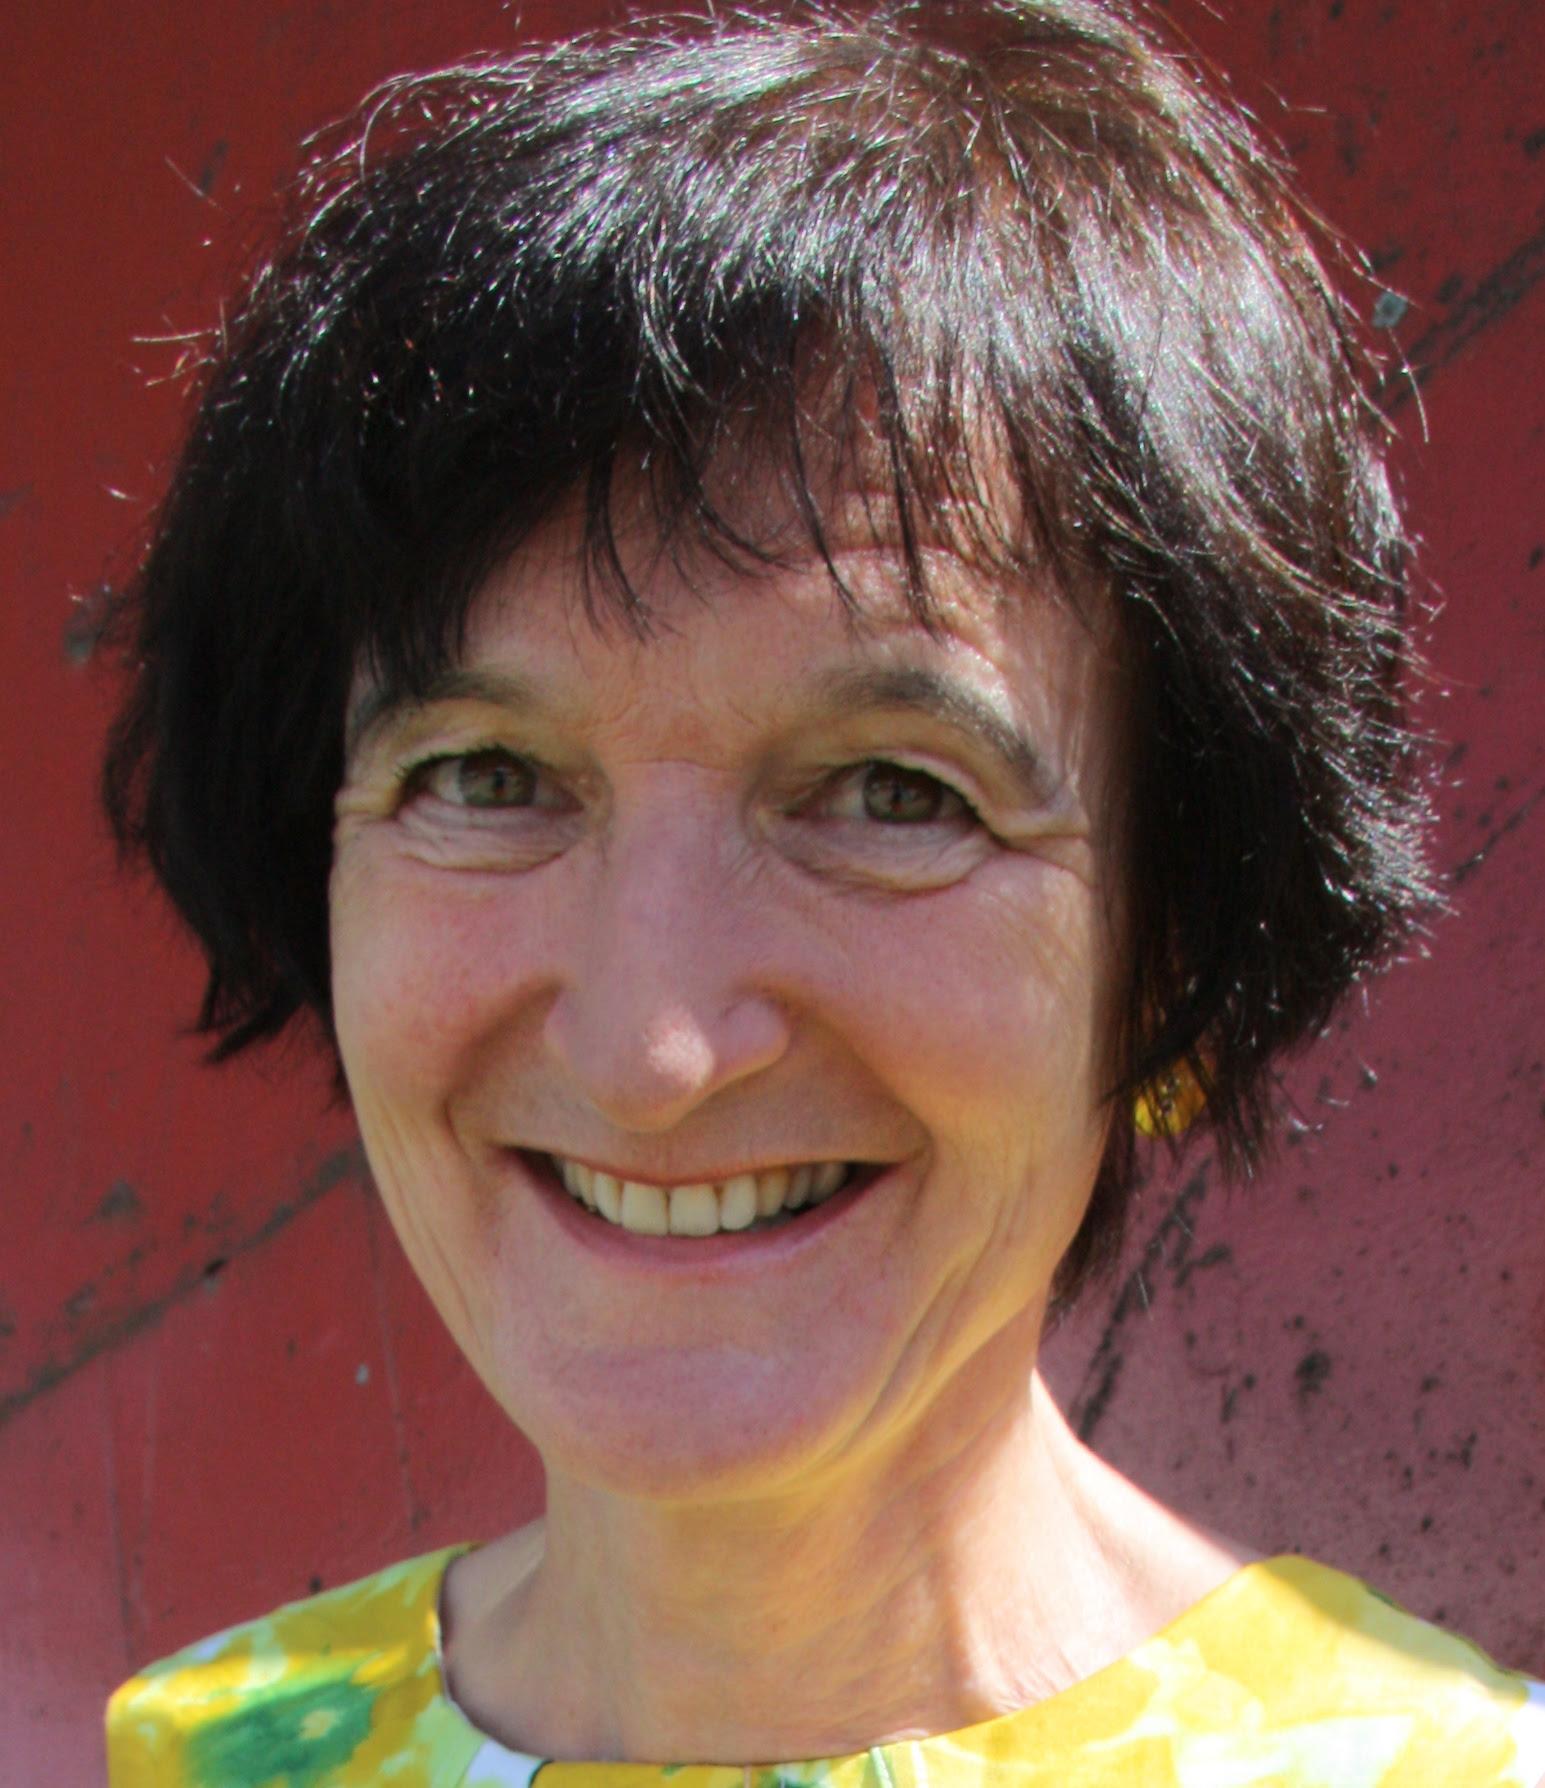 Dr Jannicke Mellin-Olsen